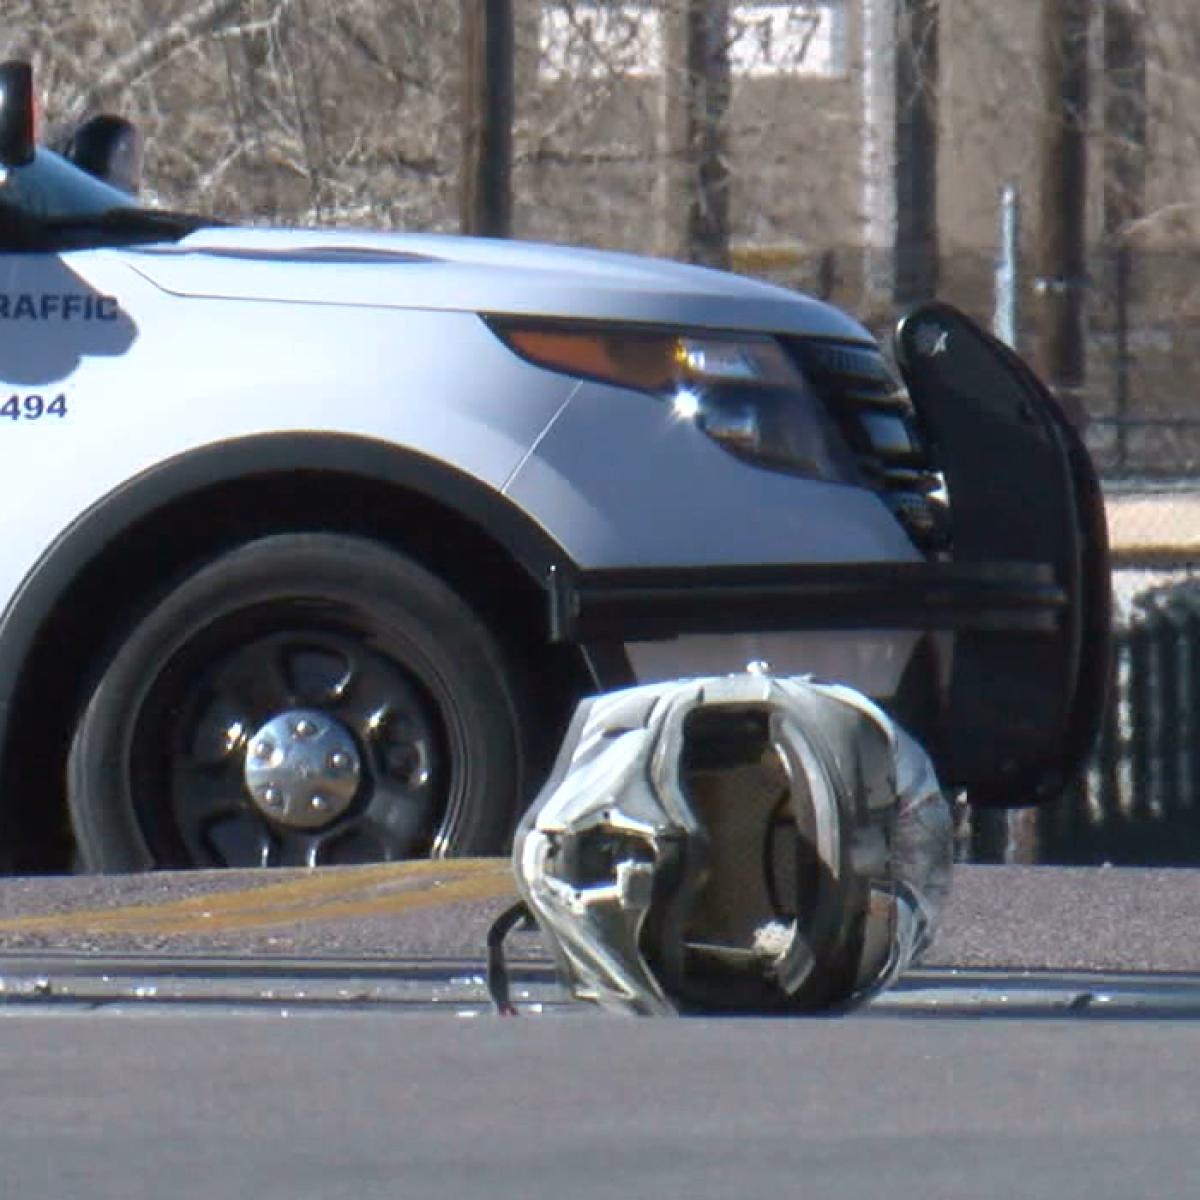 Denver Channel: Man Dead, Woman Seriously Injured In Denver Crash